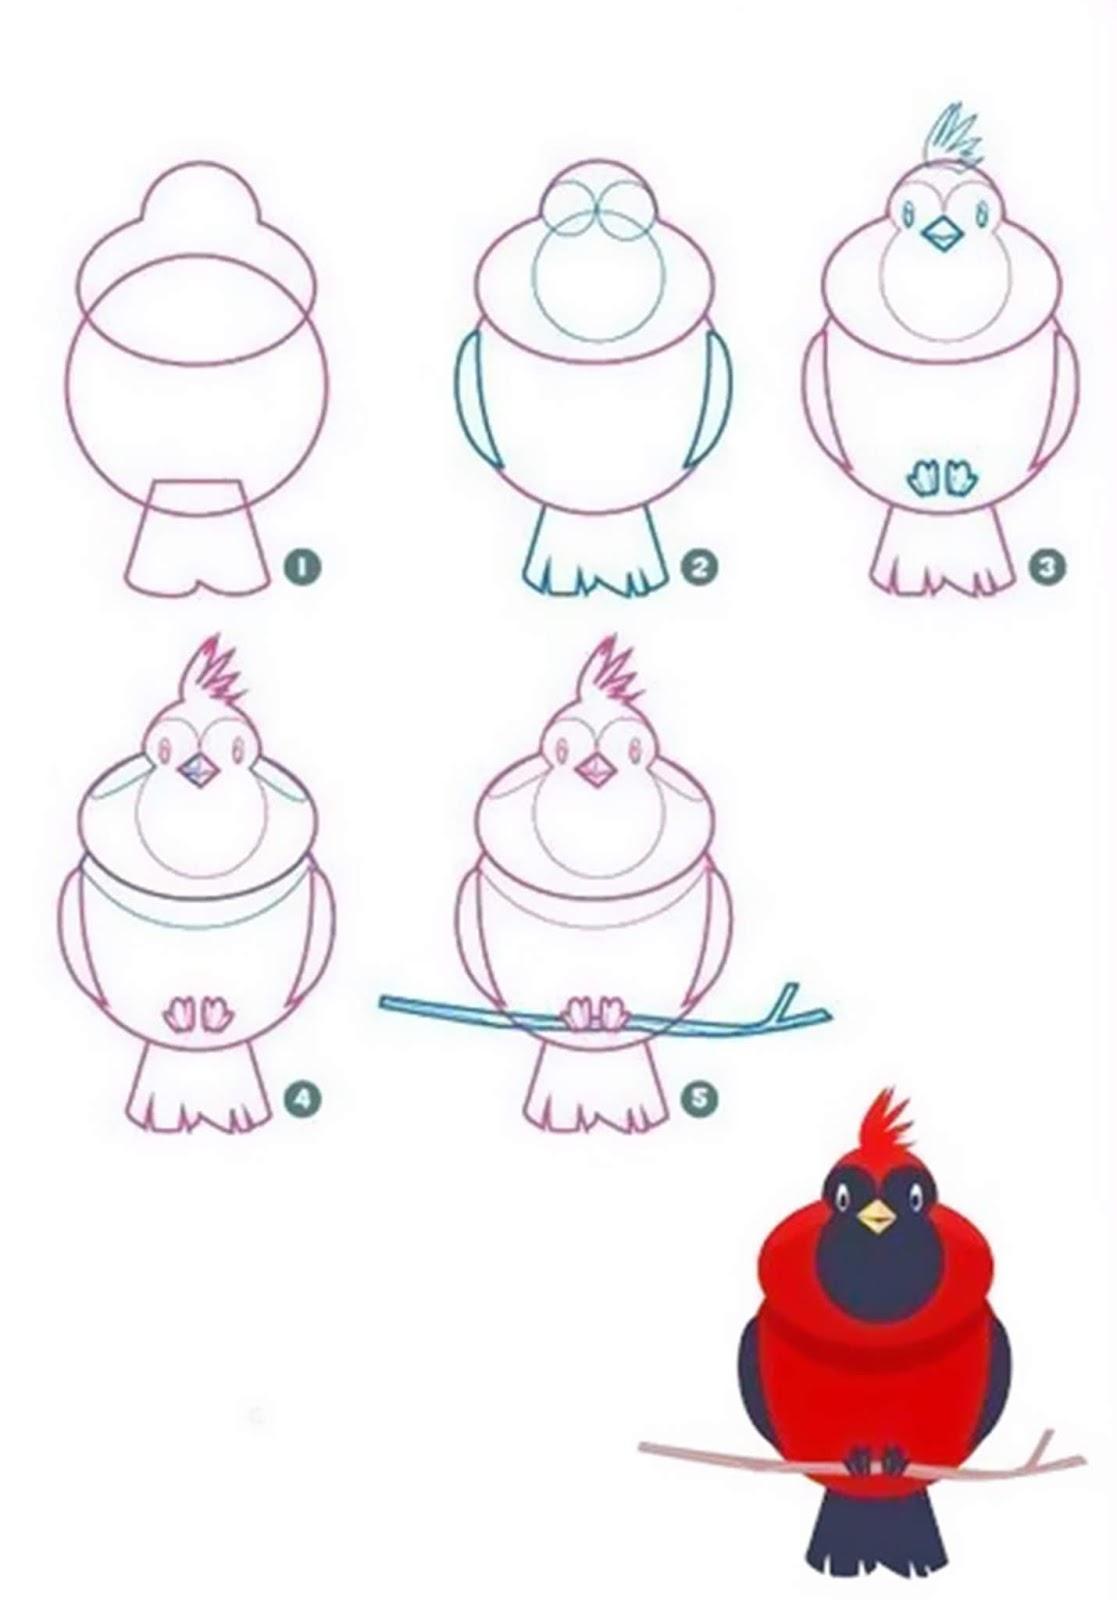 easy animal drawings step by step easy animal drawings